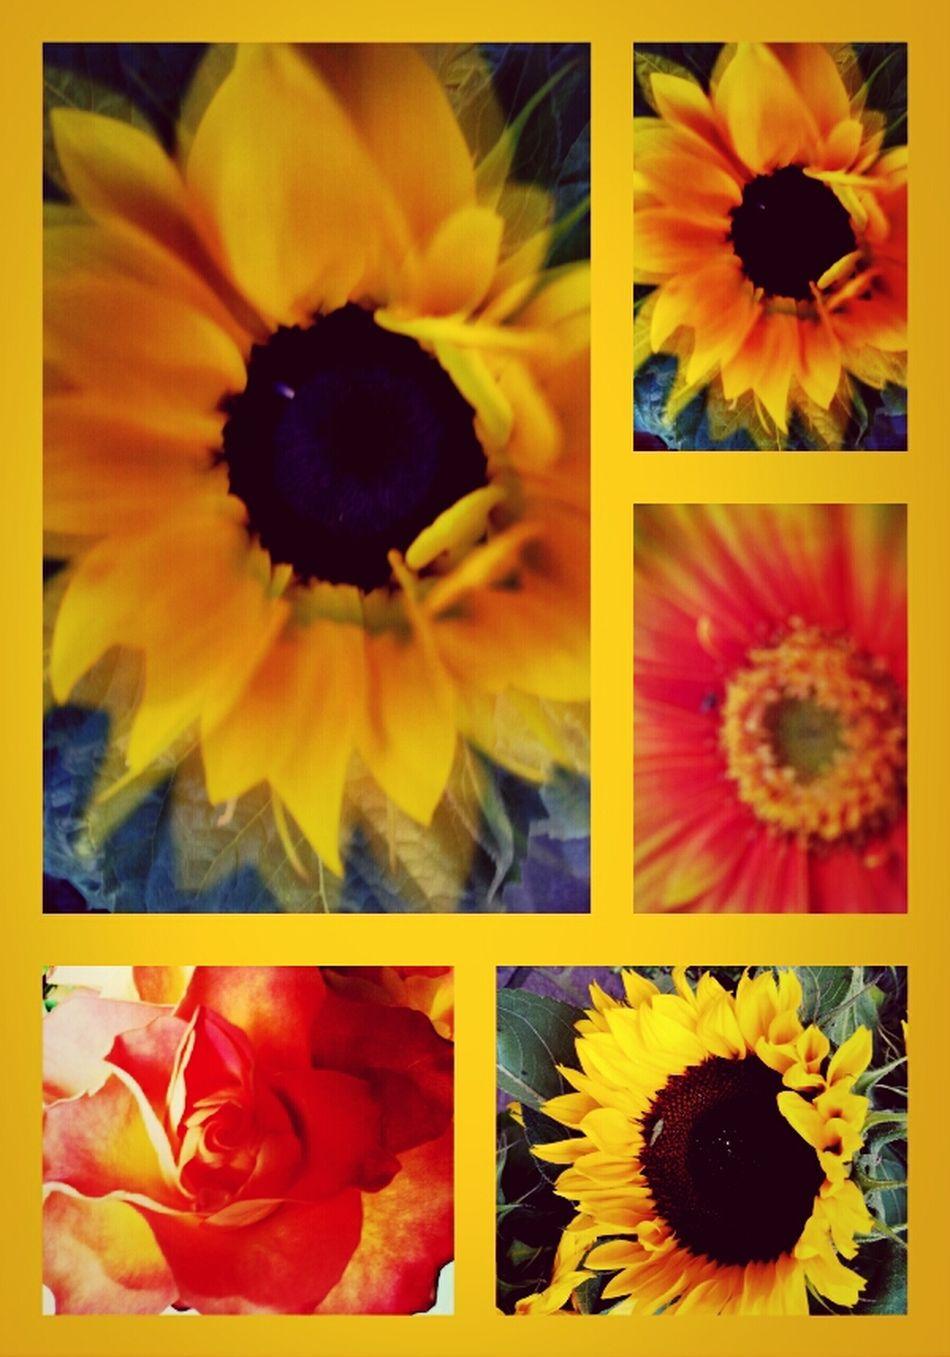 Fowlers Toad Flower Art Heartflowers Flower Power flower flowerstream BloomingGreat artflowers